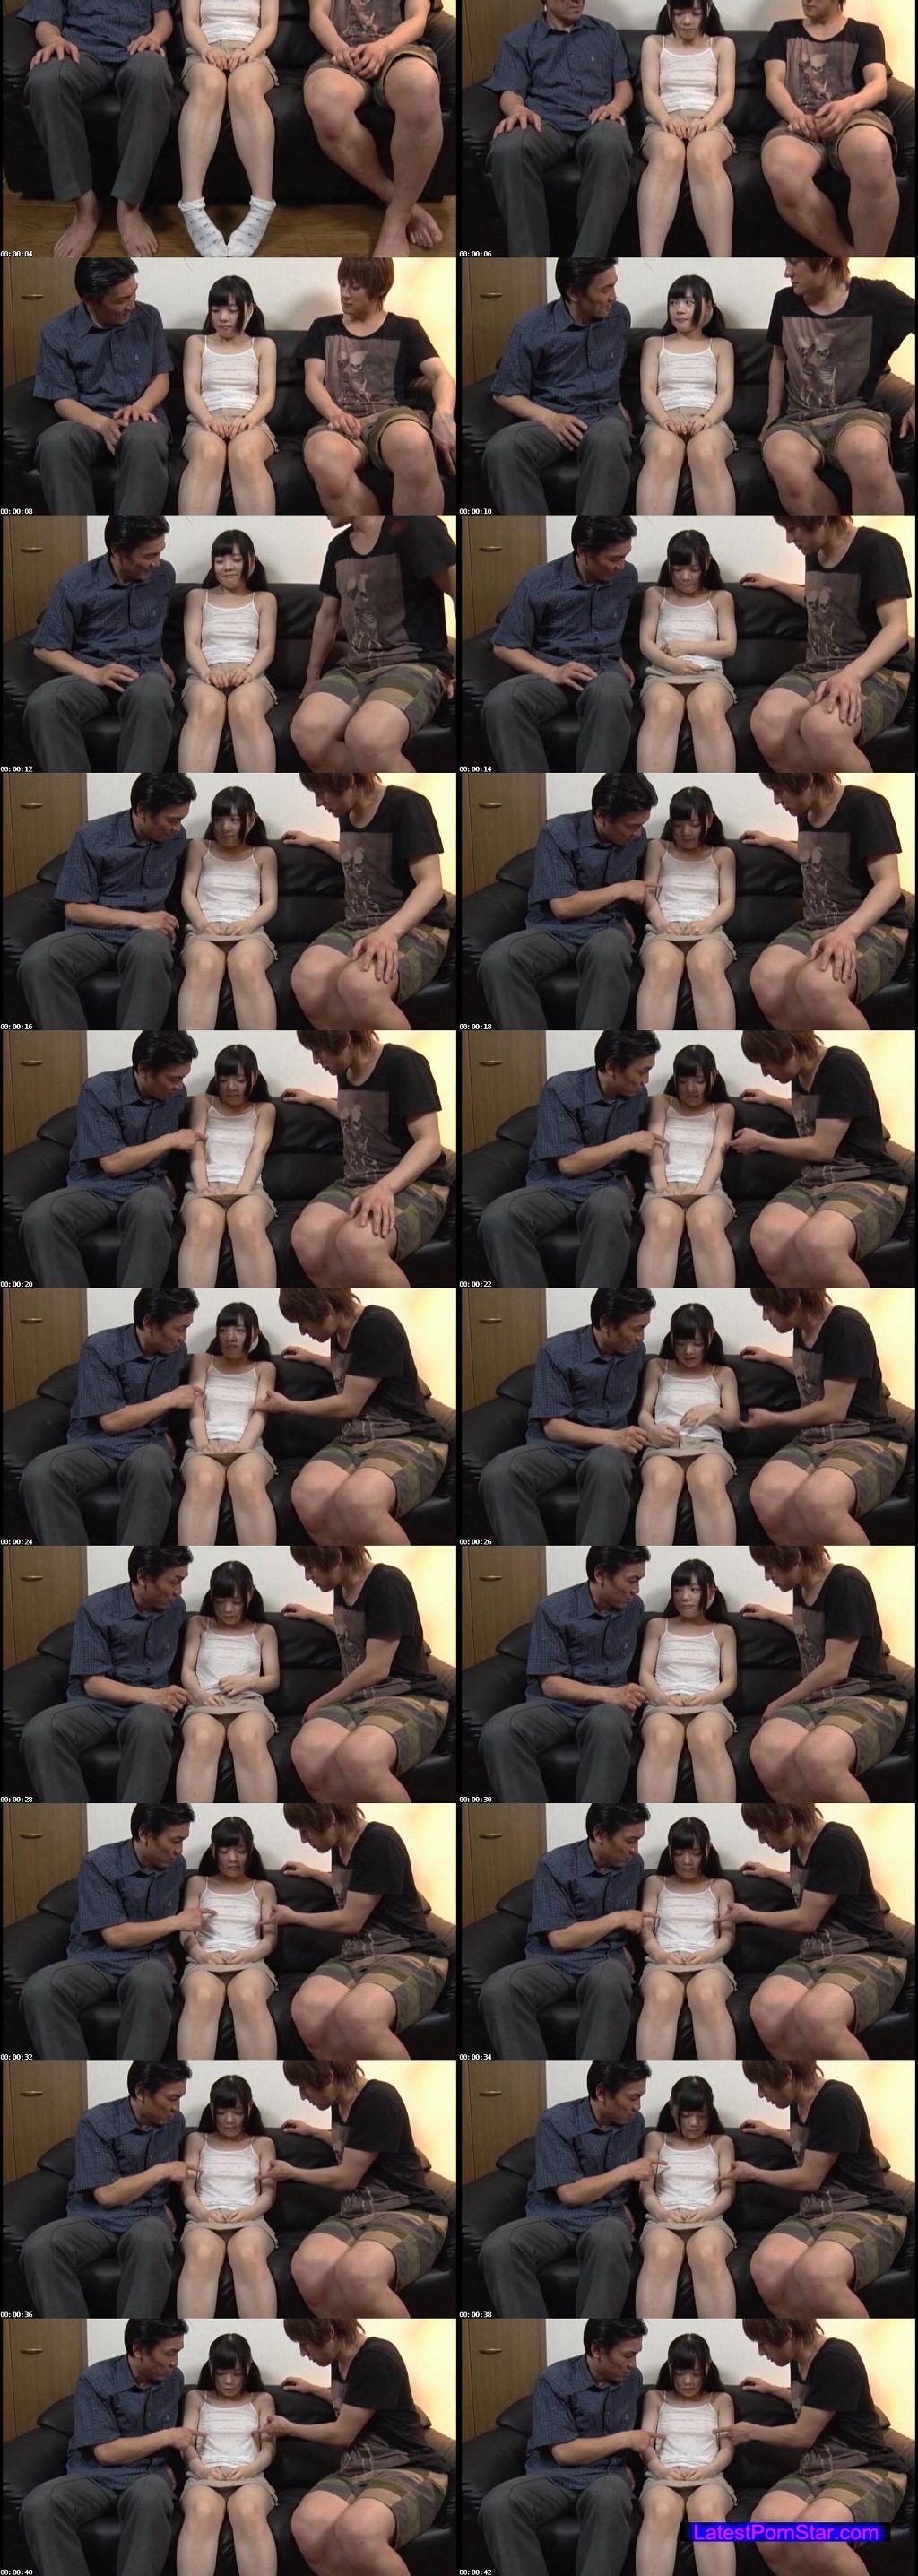 [SHIC-040] 思春期特有のとんがりおっぱいの女子と性交 青島かえで